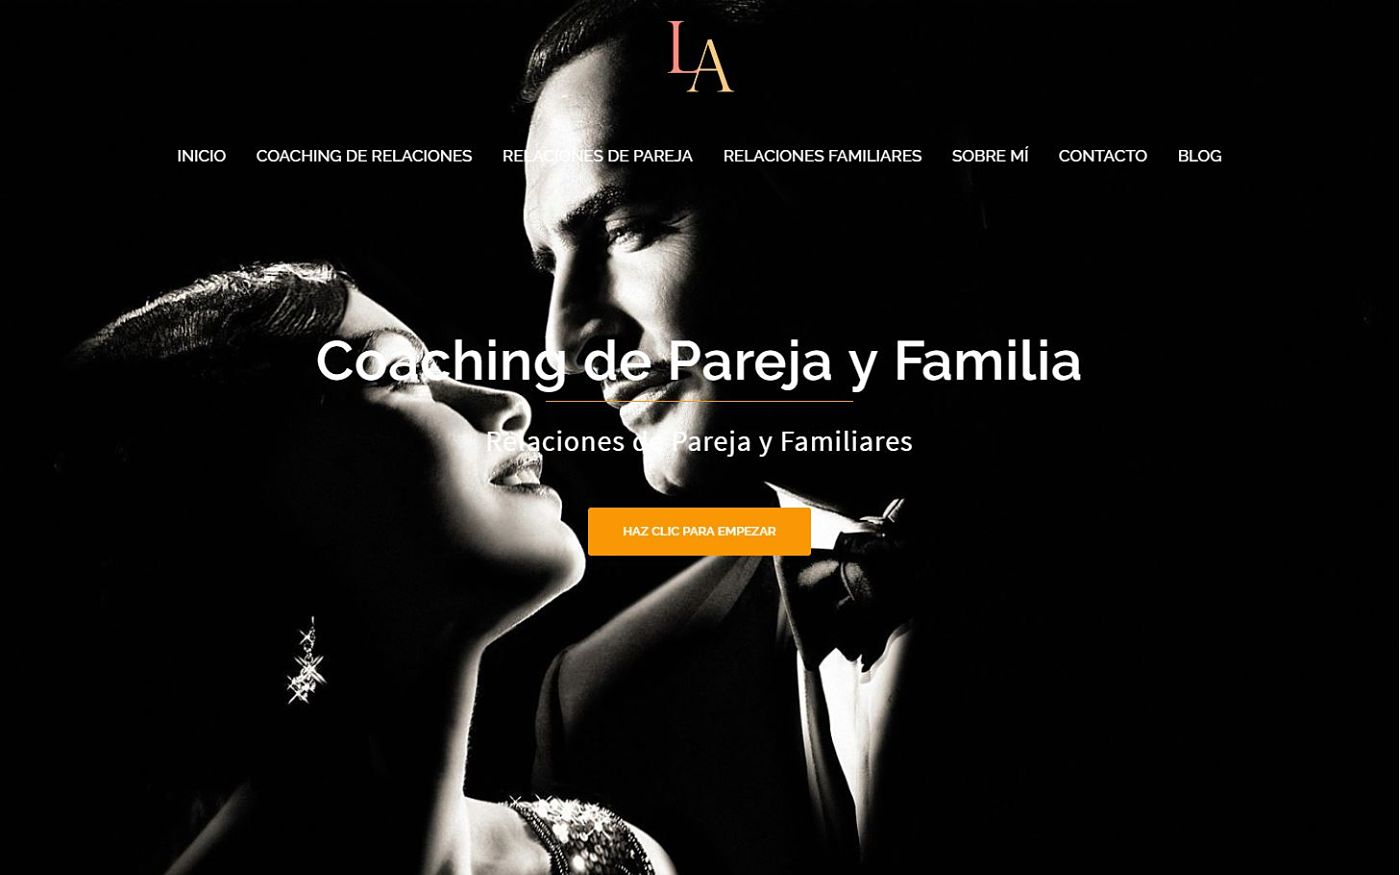 diseño web realizado para lidia alonso coach y psicóloga